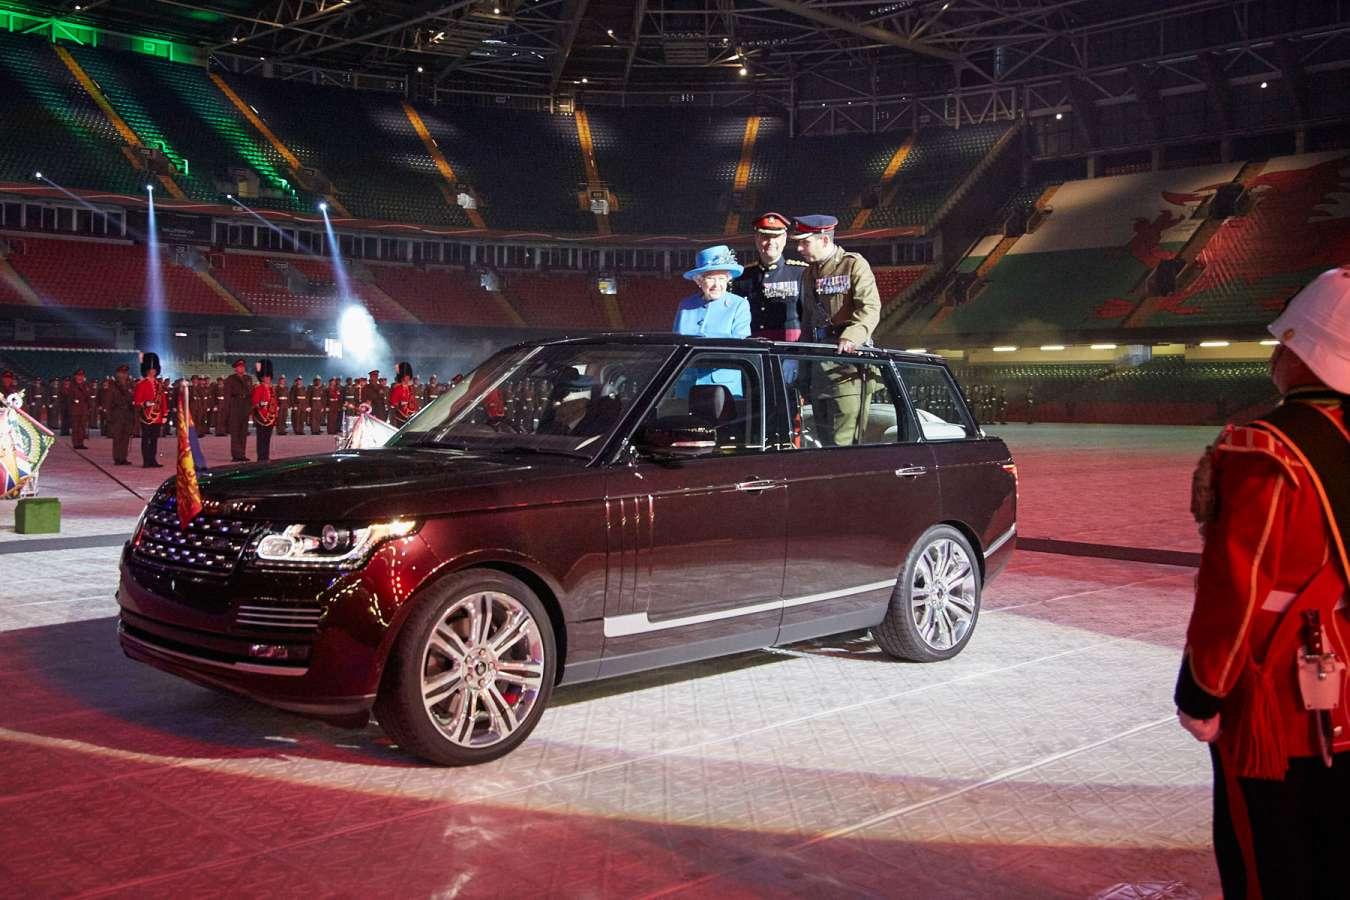 Range Rover cabriolet au royaume uni pour la Reine dAngleterre1 - Range Rover cabriolet au royaume-uni pour la Reine d'Angleterre